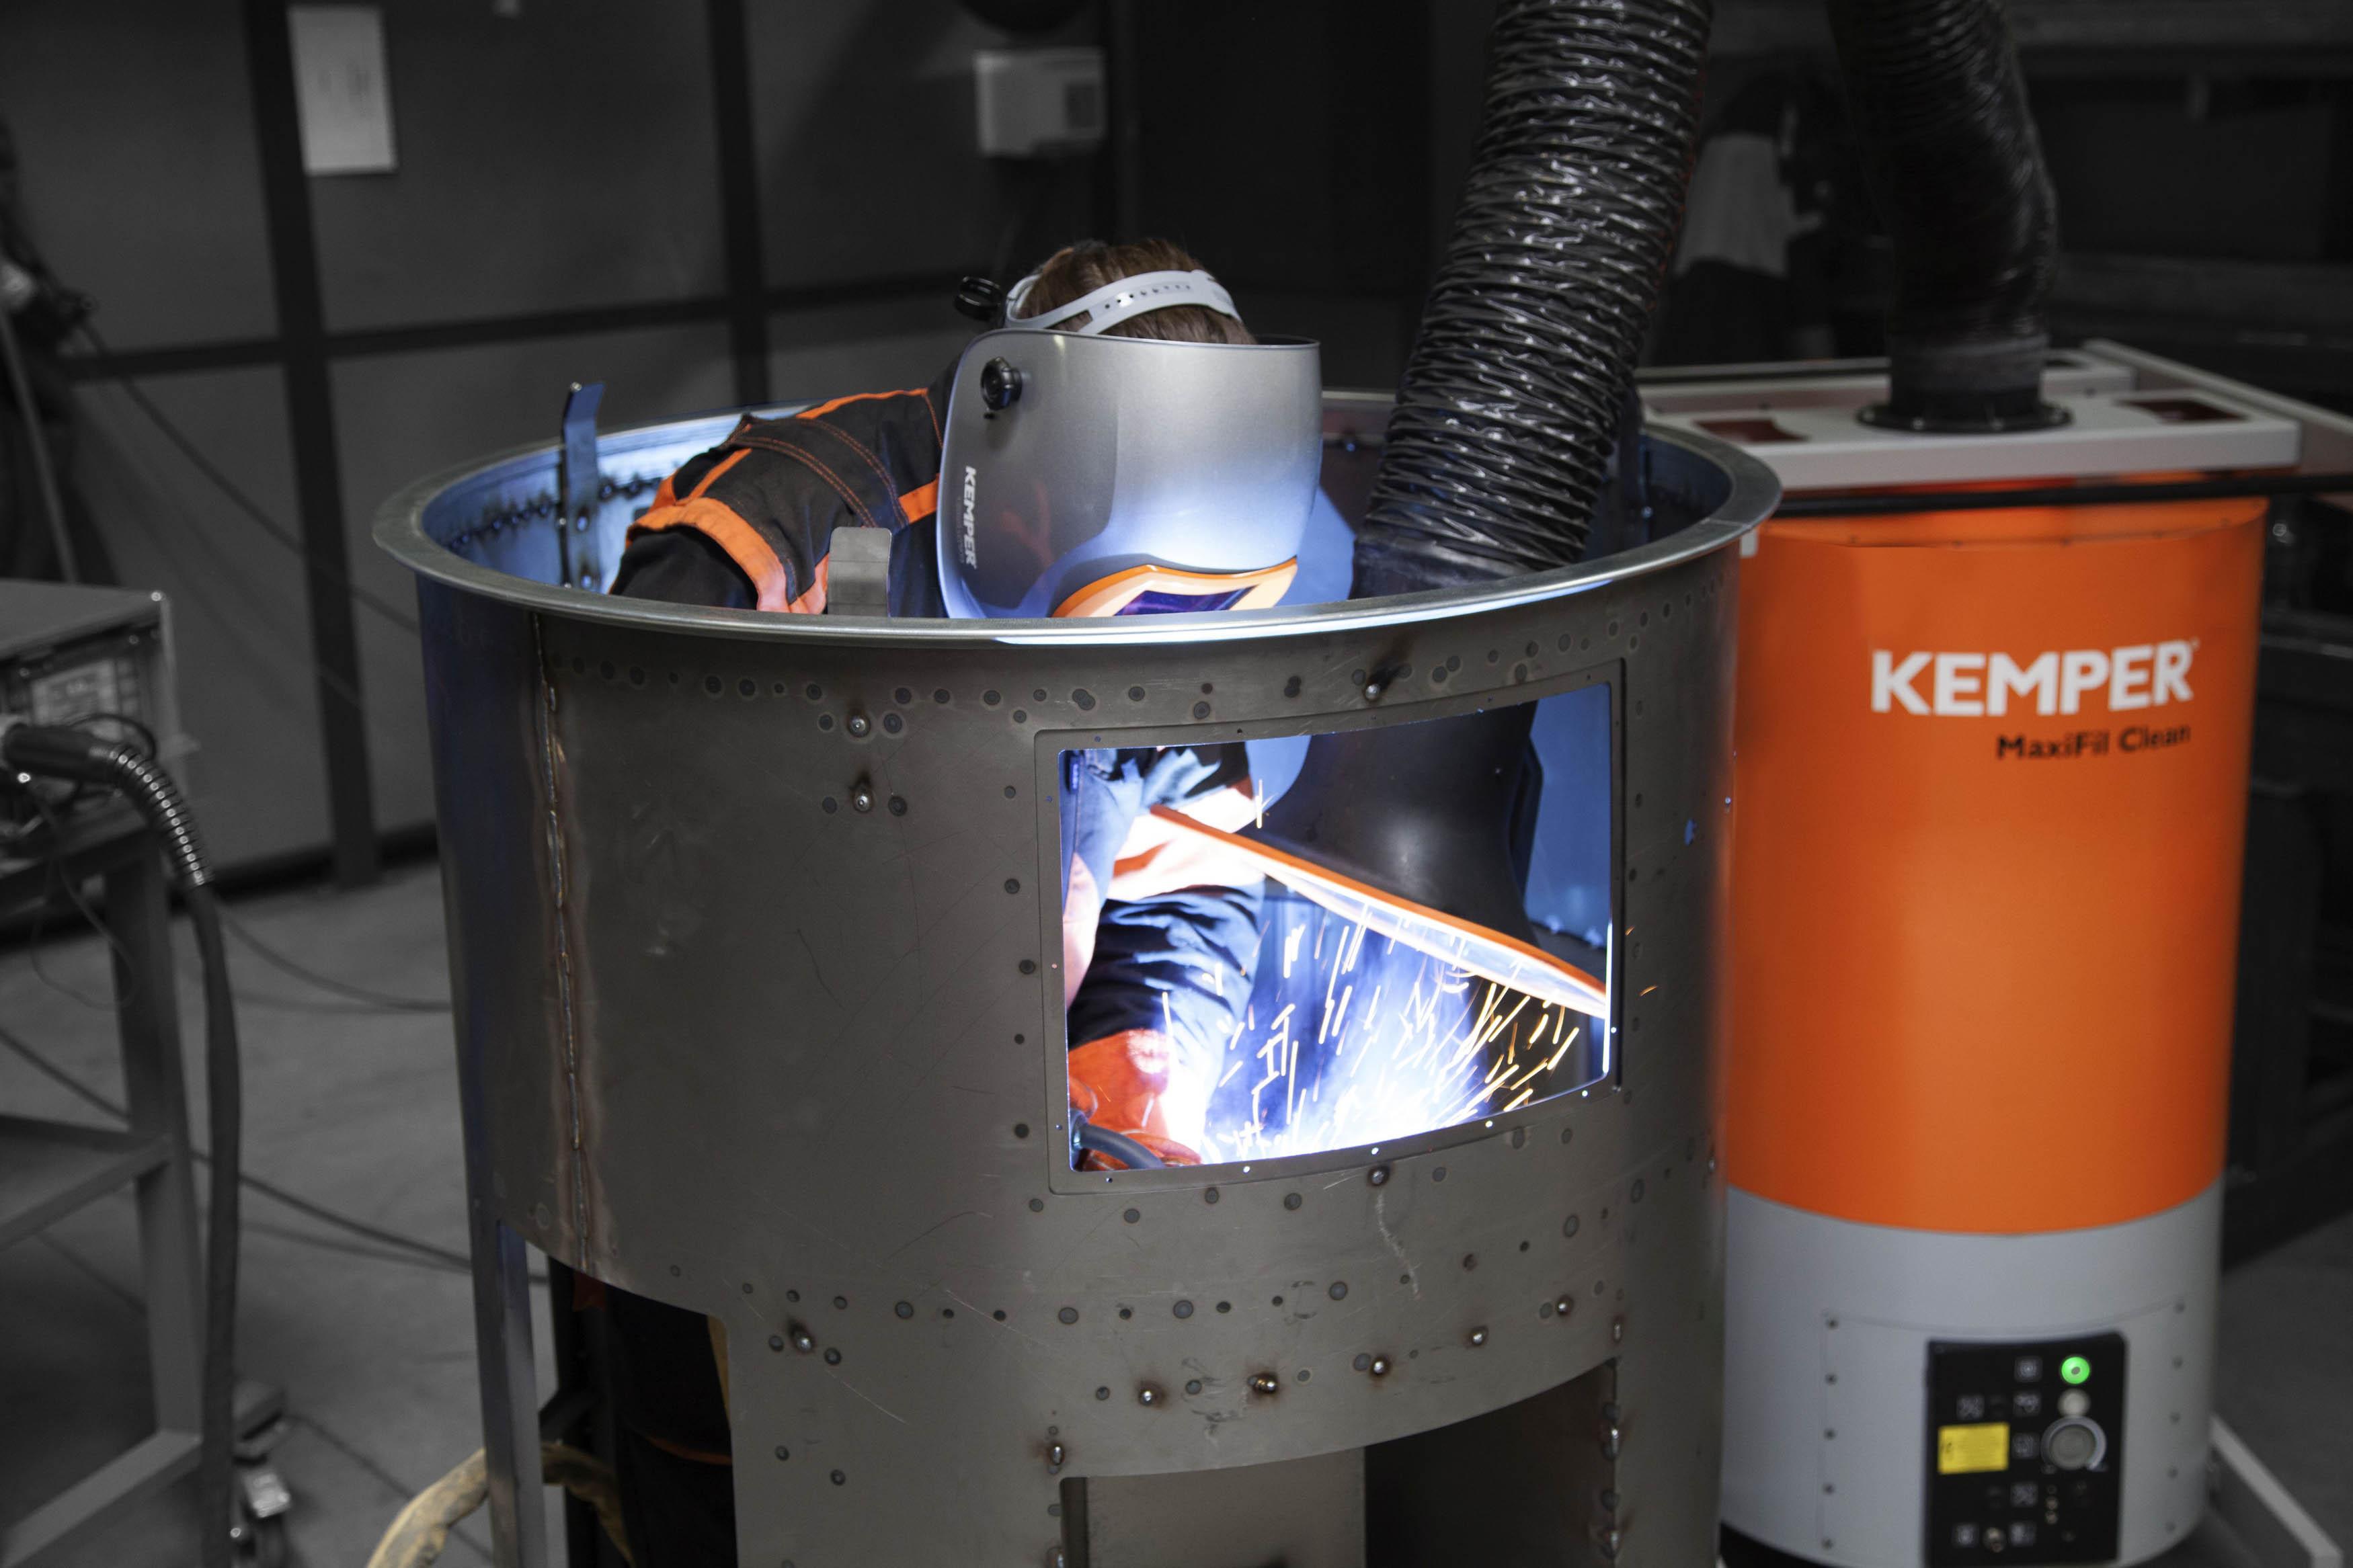 Sichere Entsorgung: Kemper erhält Patent auf kontaminationsfreien Staubaustrag